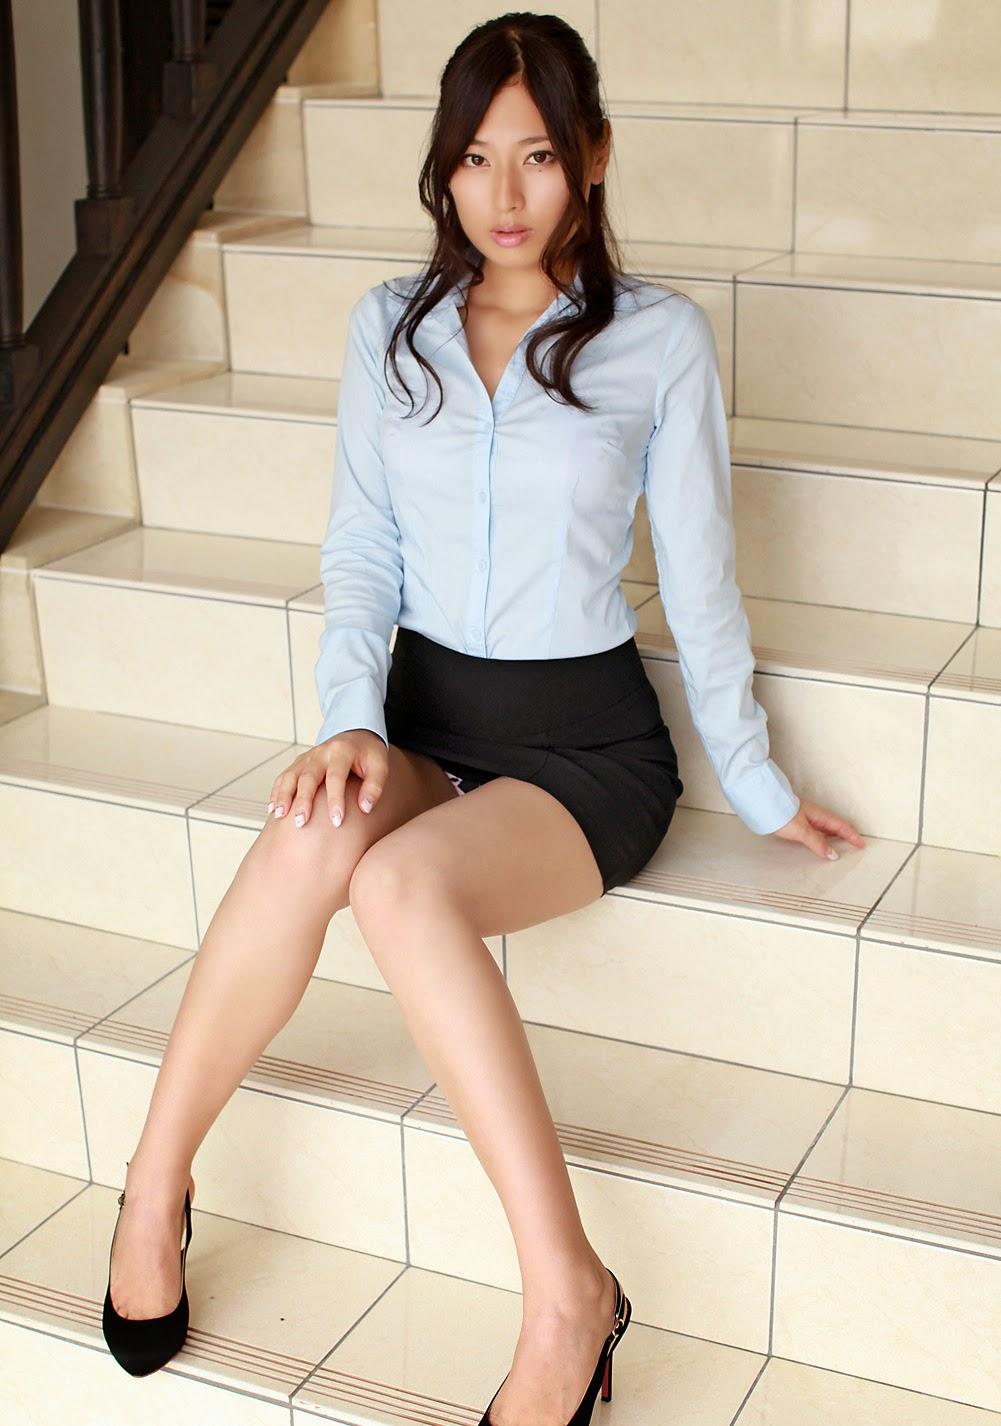 Mai Sasaki em chỉ là hot girl phim khiêu dâm 9